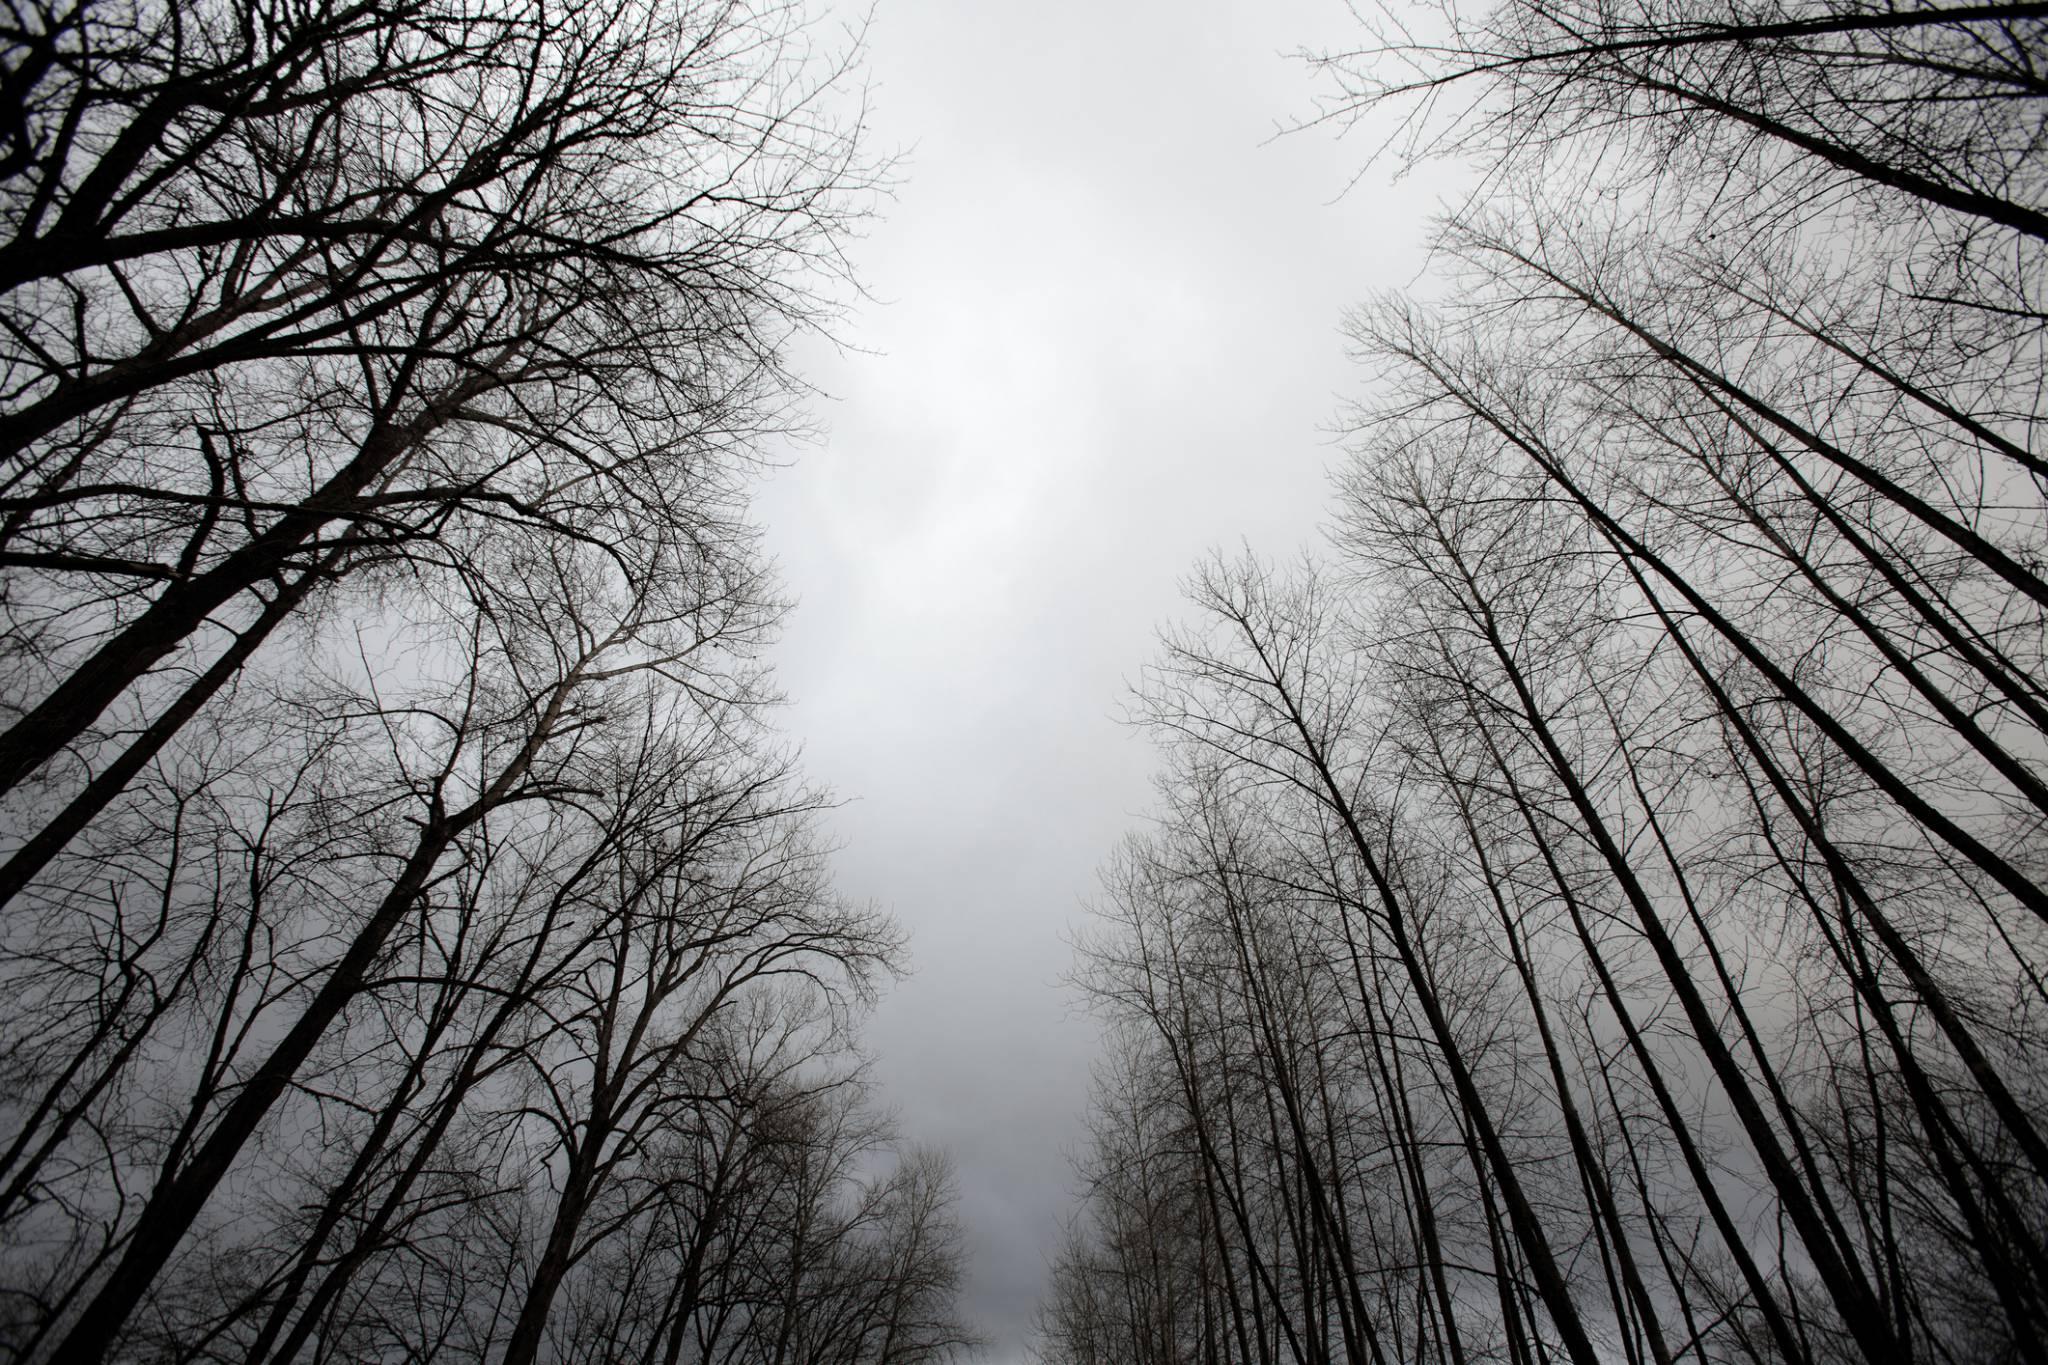 Etapy żałoby - jak przez nie przejść?